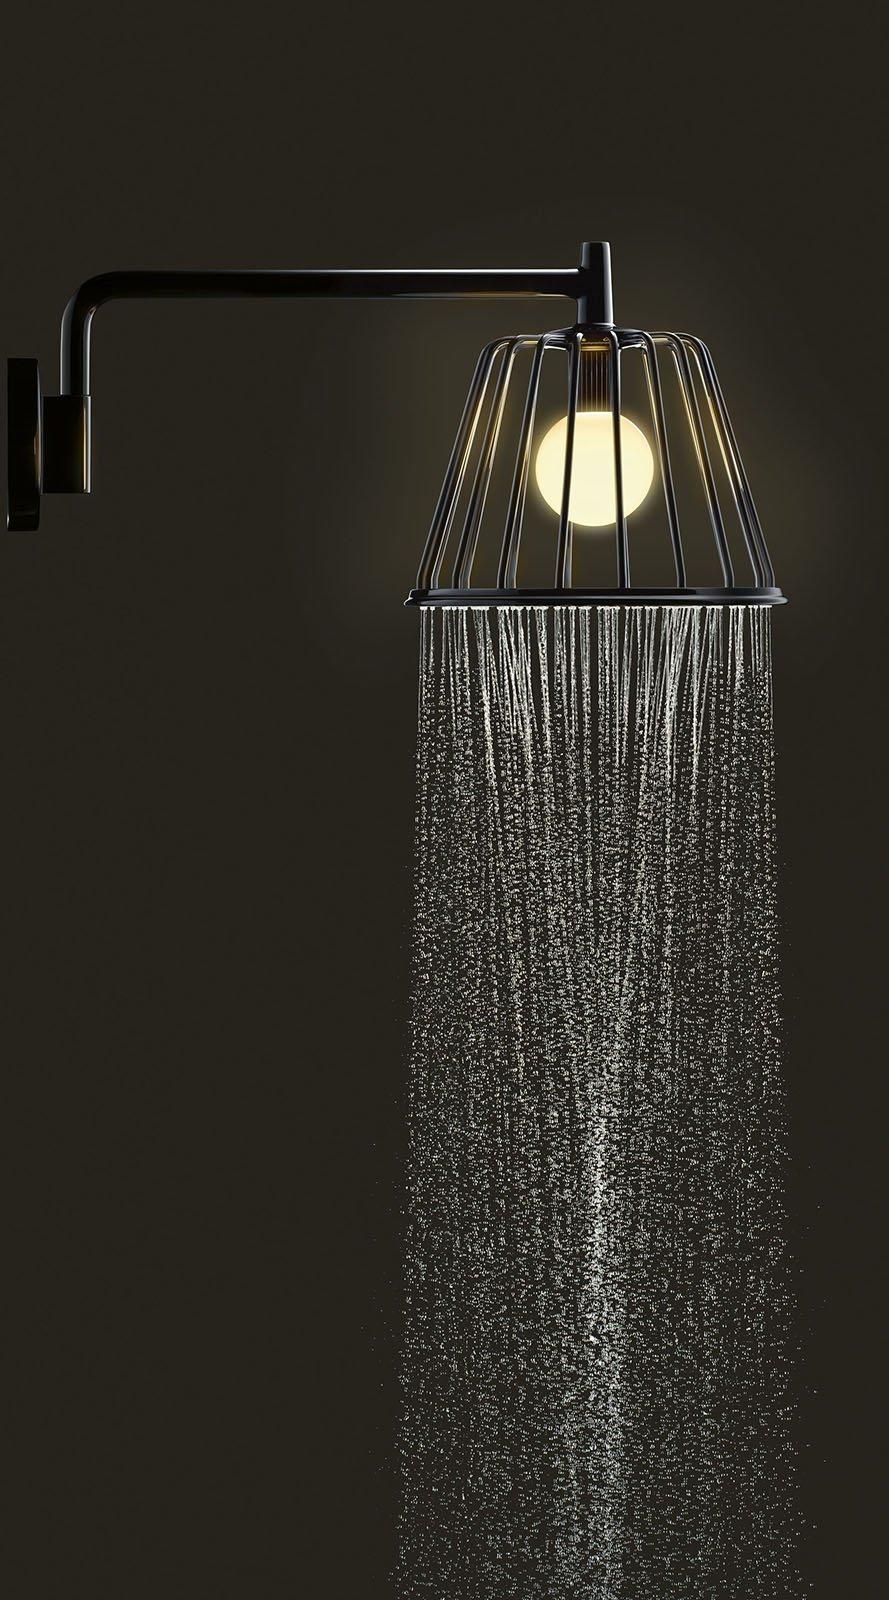 Soffioni per la doccia, essenziali e anche luminosi - Cose di Casa